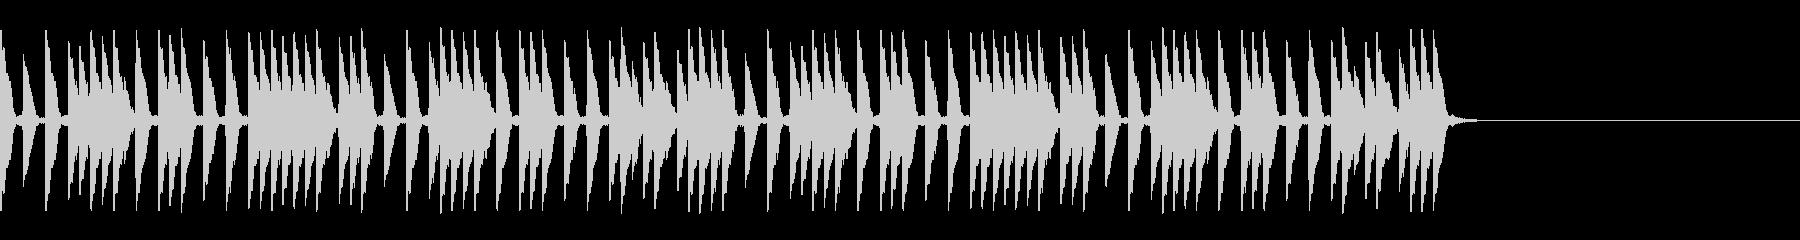 スピード感あるハイハットの未再生の波形